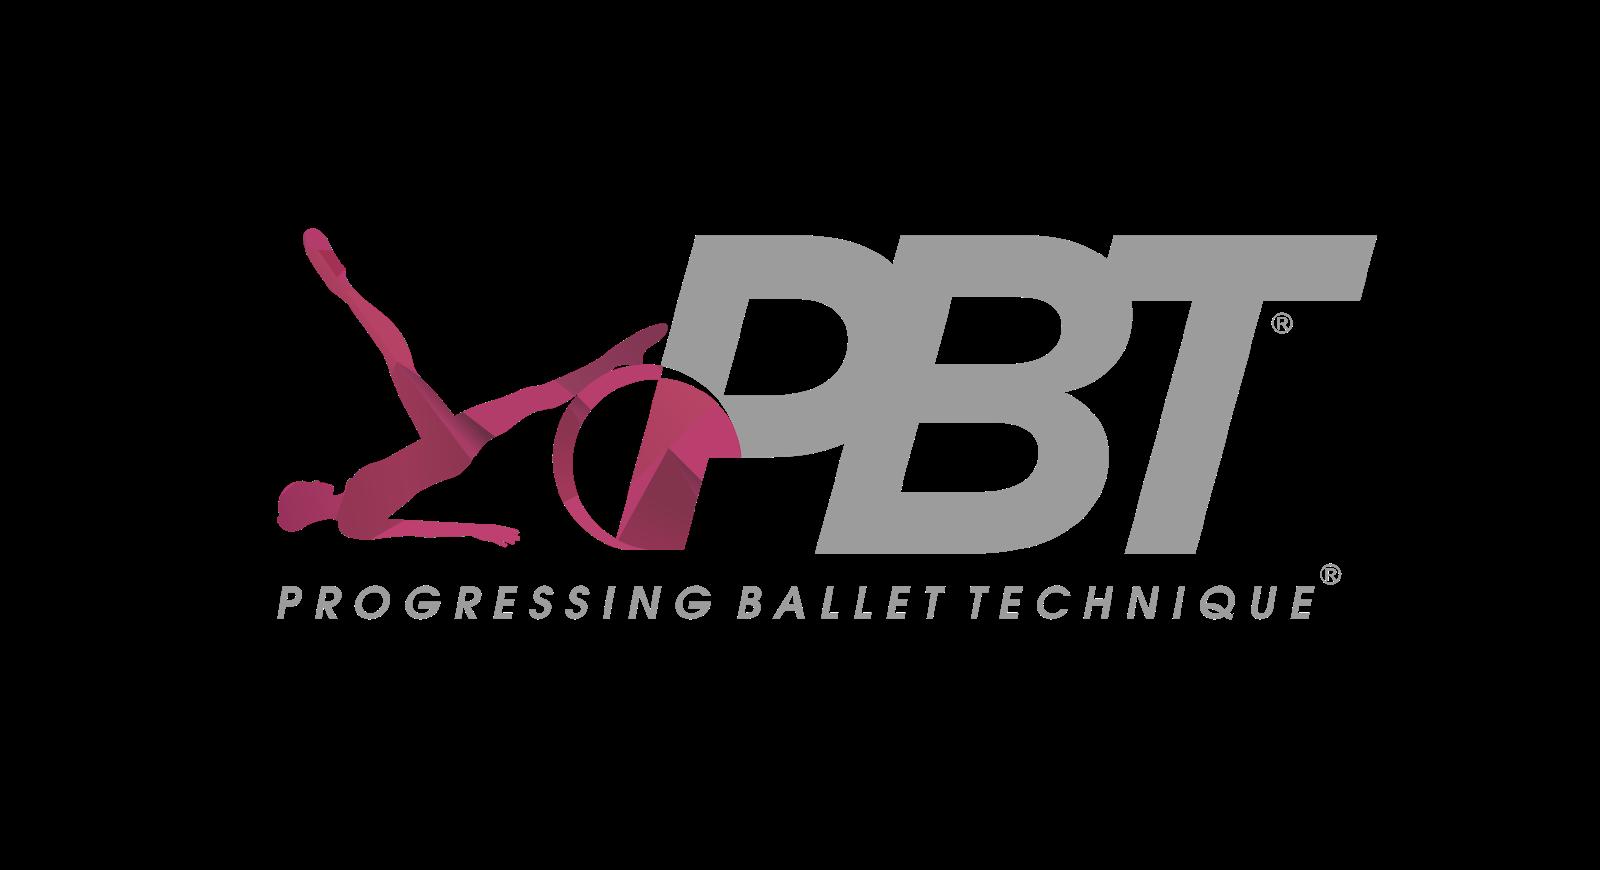 Progressing Ballet Technique | Excel in Dance Training